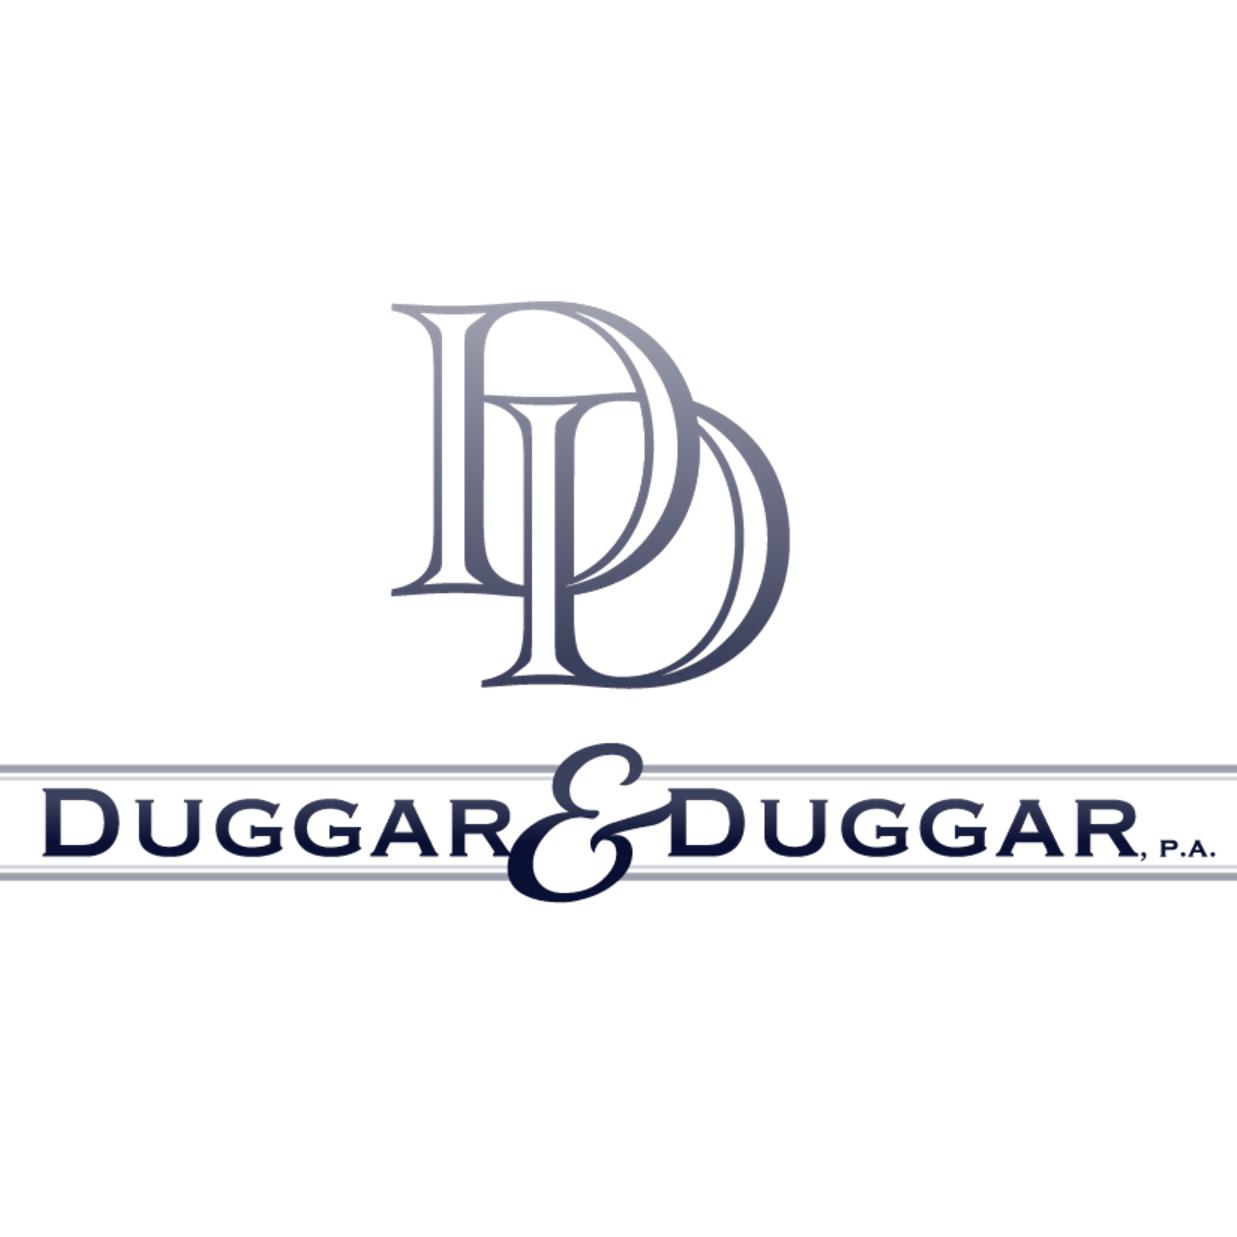 Duggar & Duggar - Talahassee, FL - Attorneys